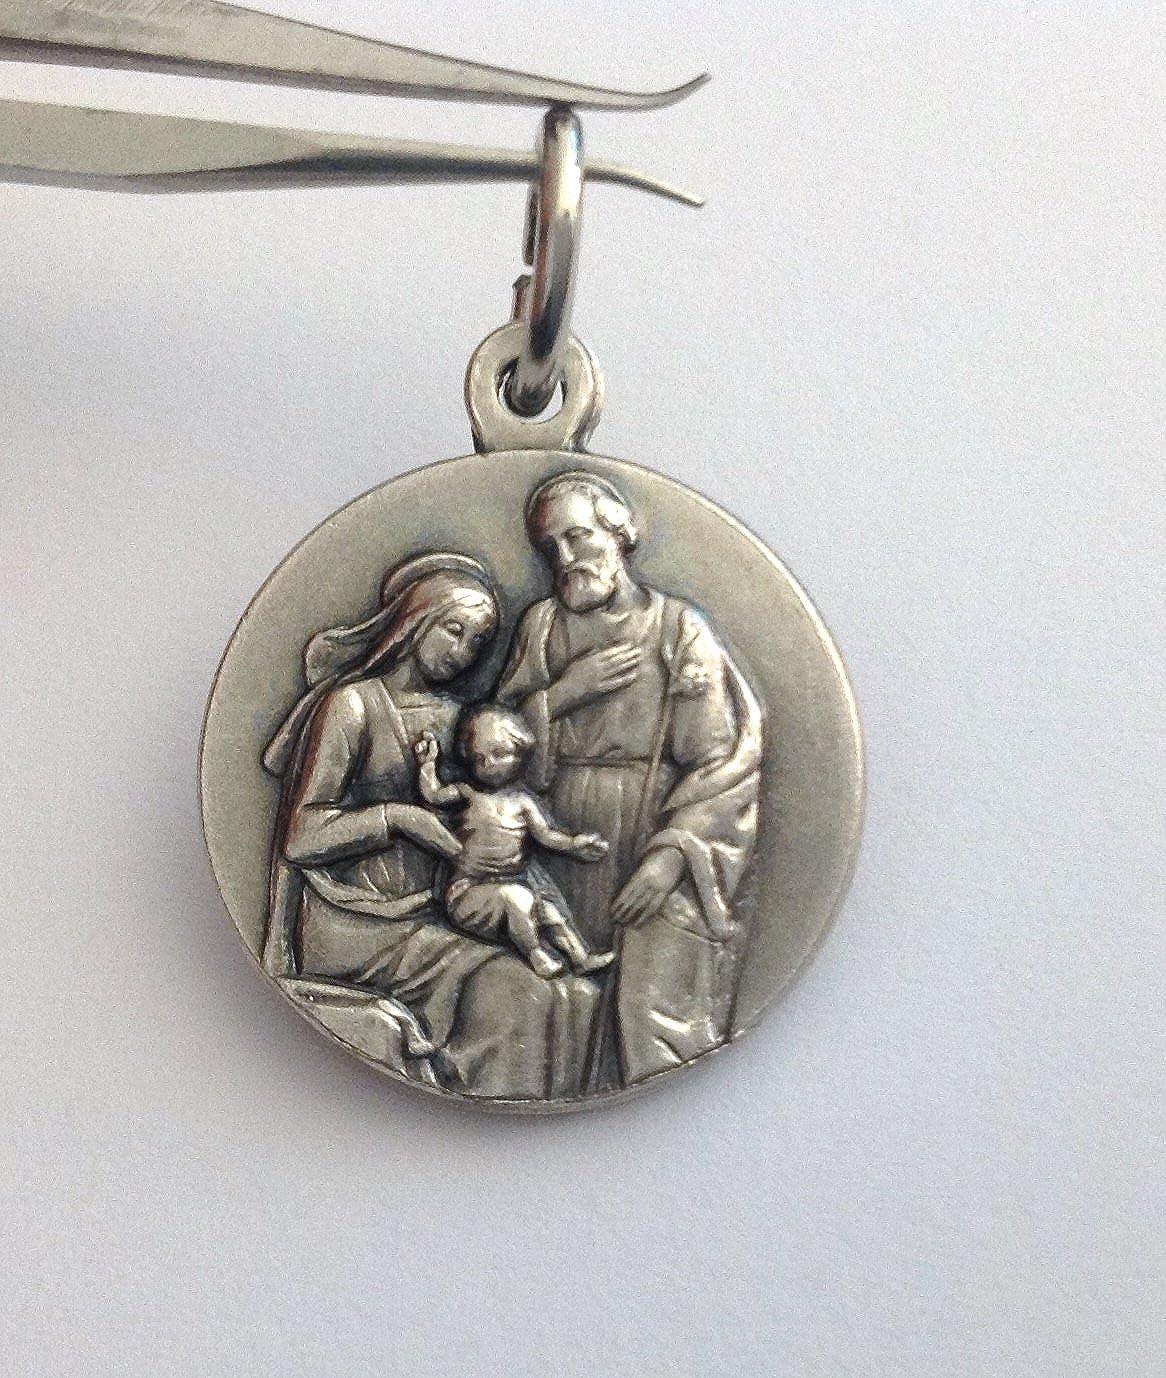 Les M/édailles des Saints Patrons M/édaille Sainte Famille